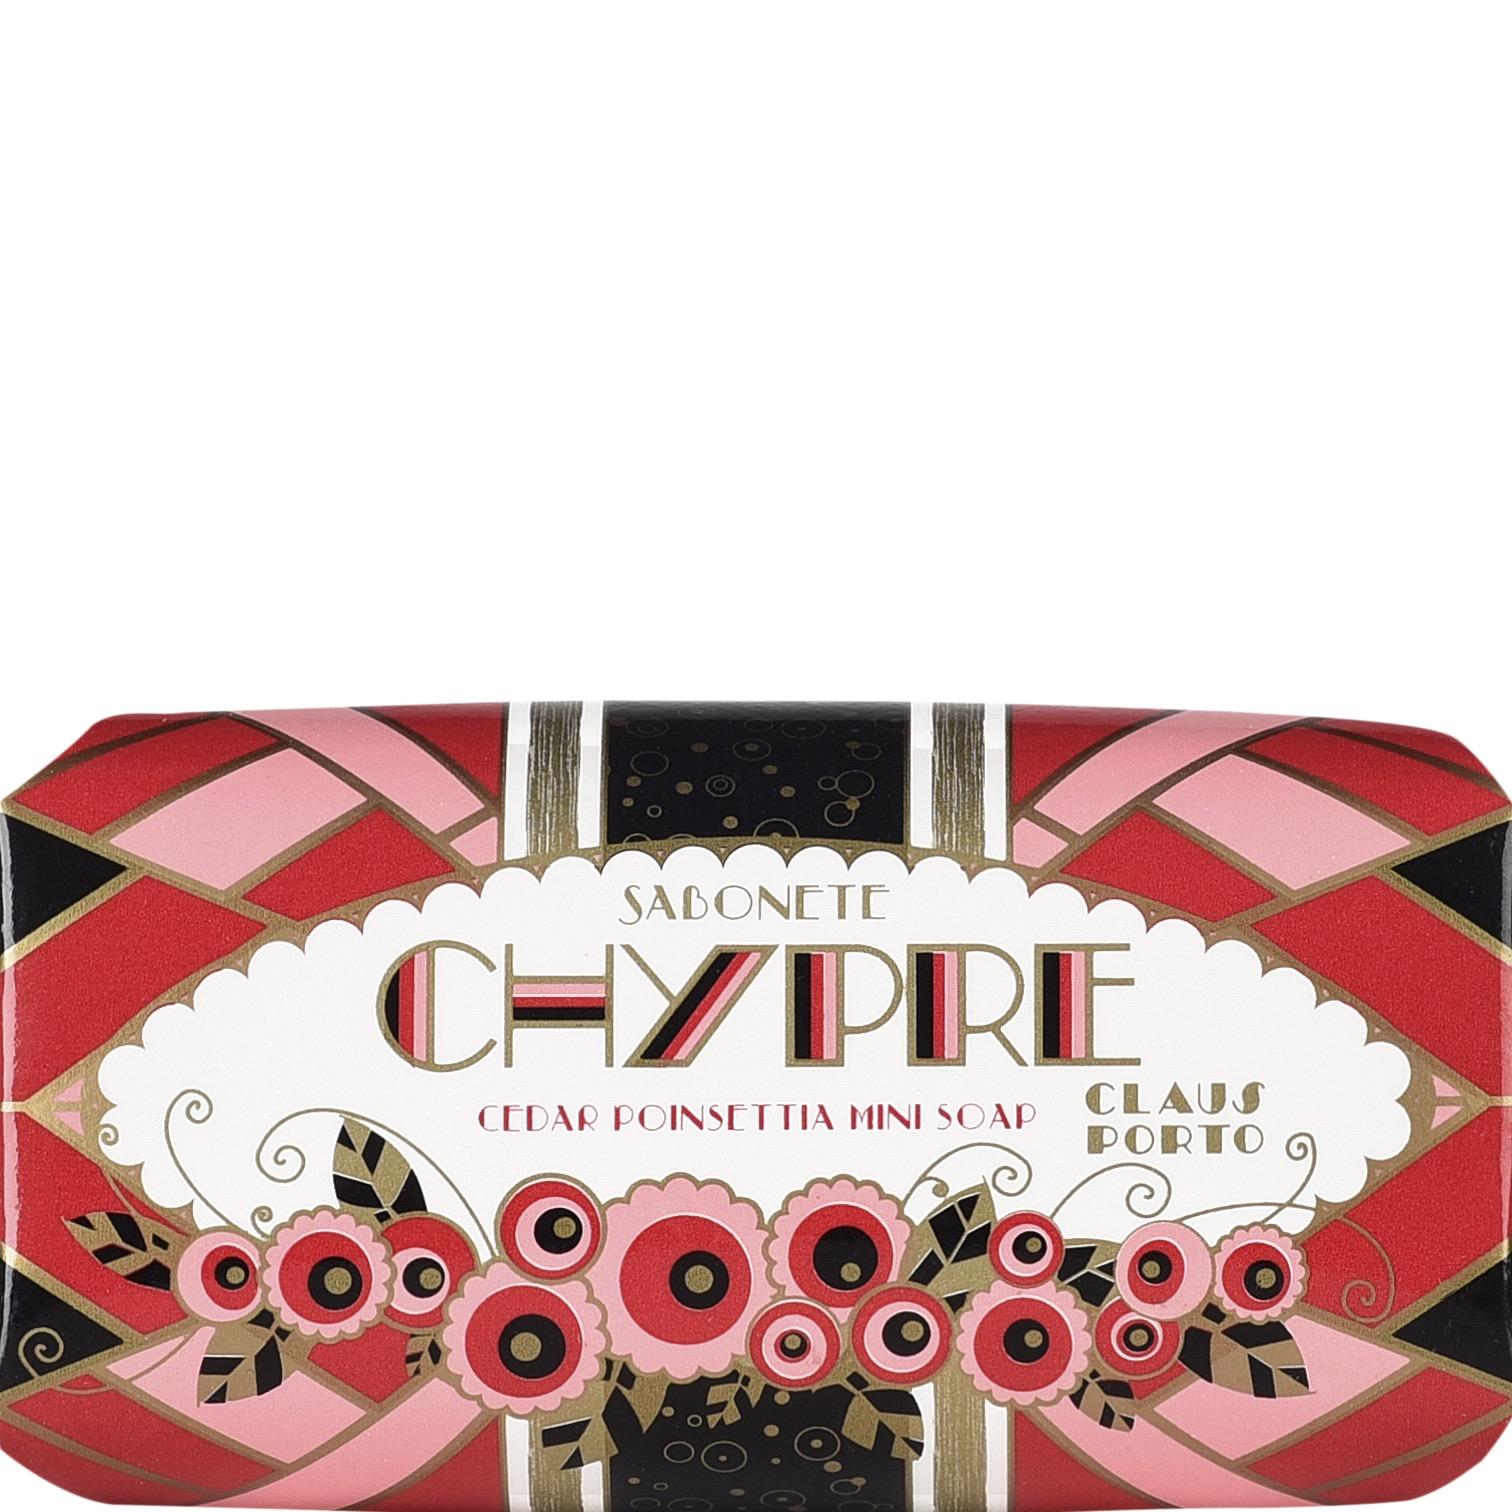 Soap Bar Chypre / Cedar Poinsettia